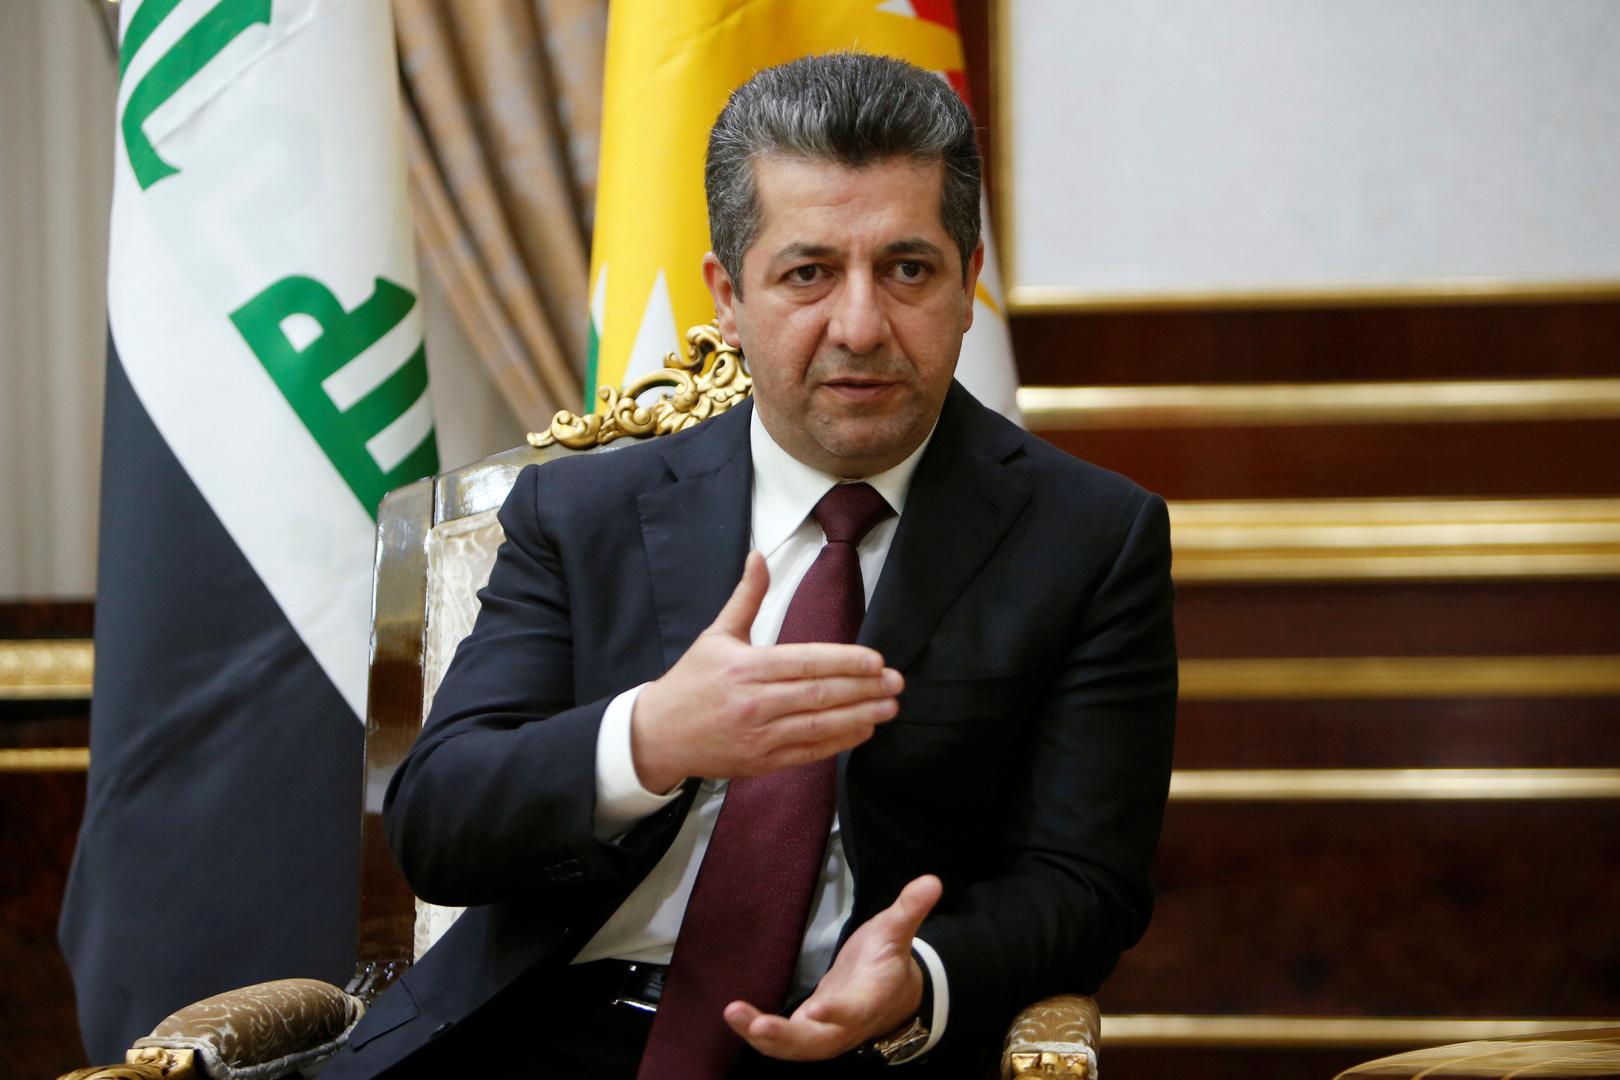 بارزاني عن المباحثات مع بغداد: لن نتنازل عن حقوقنا المشروعة